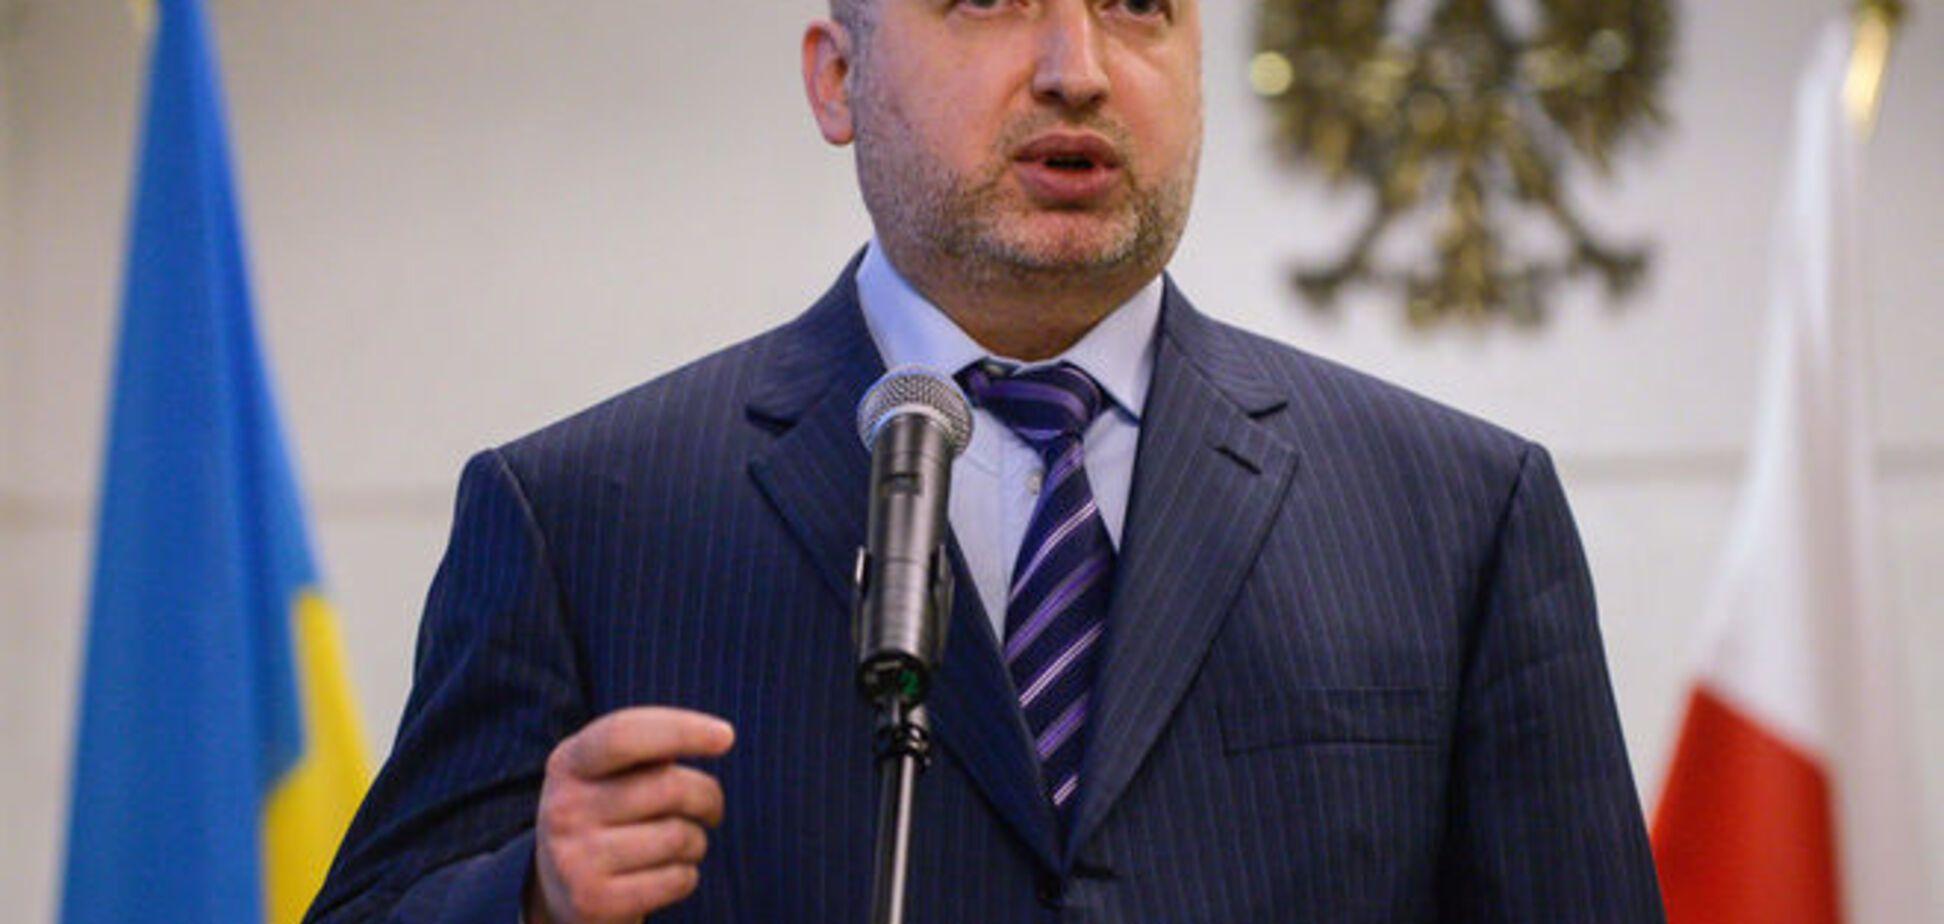 Убийства Бузины и Калашникова выгодны противникам Украины - Турчинов